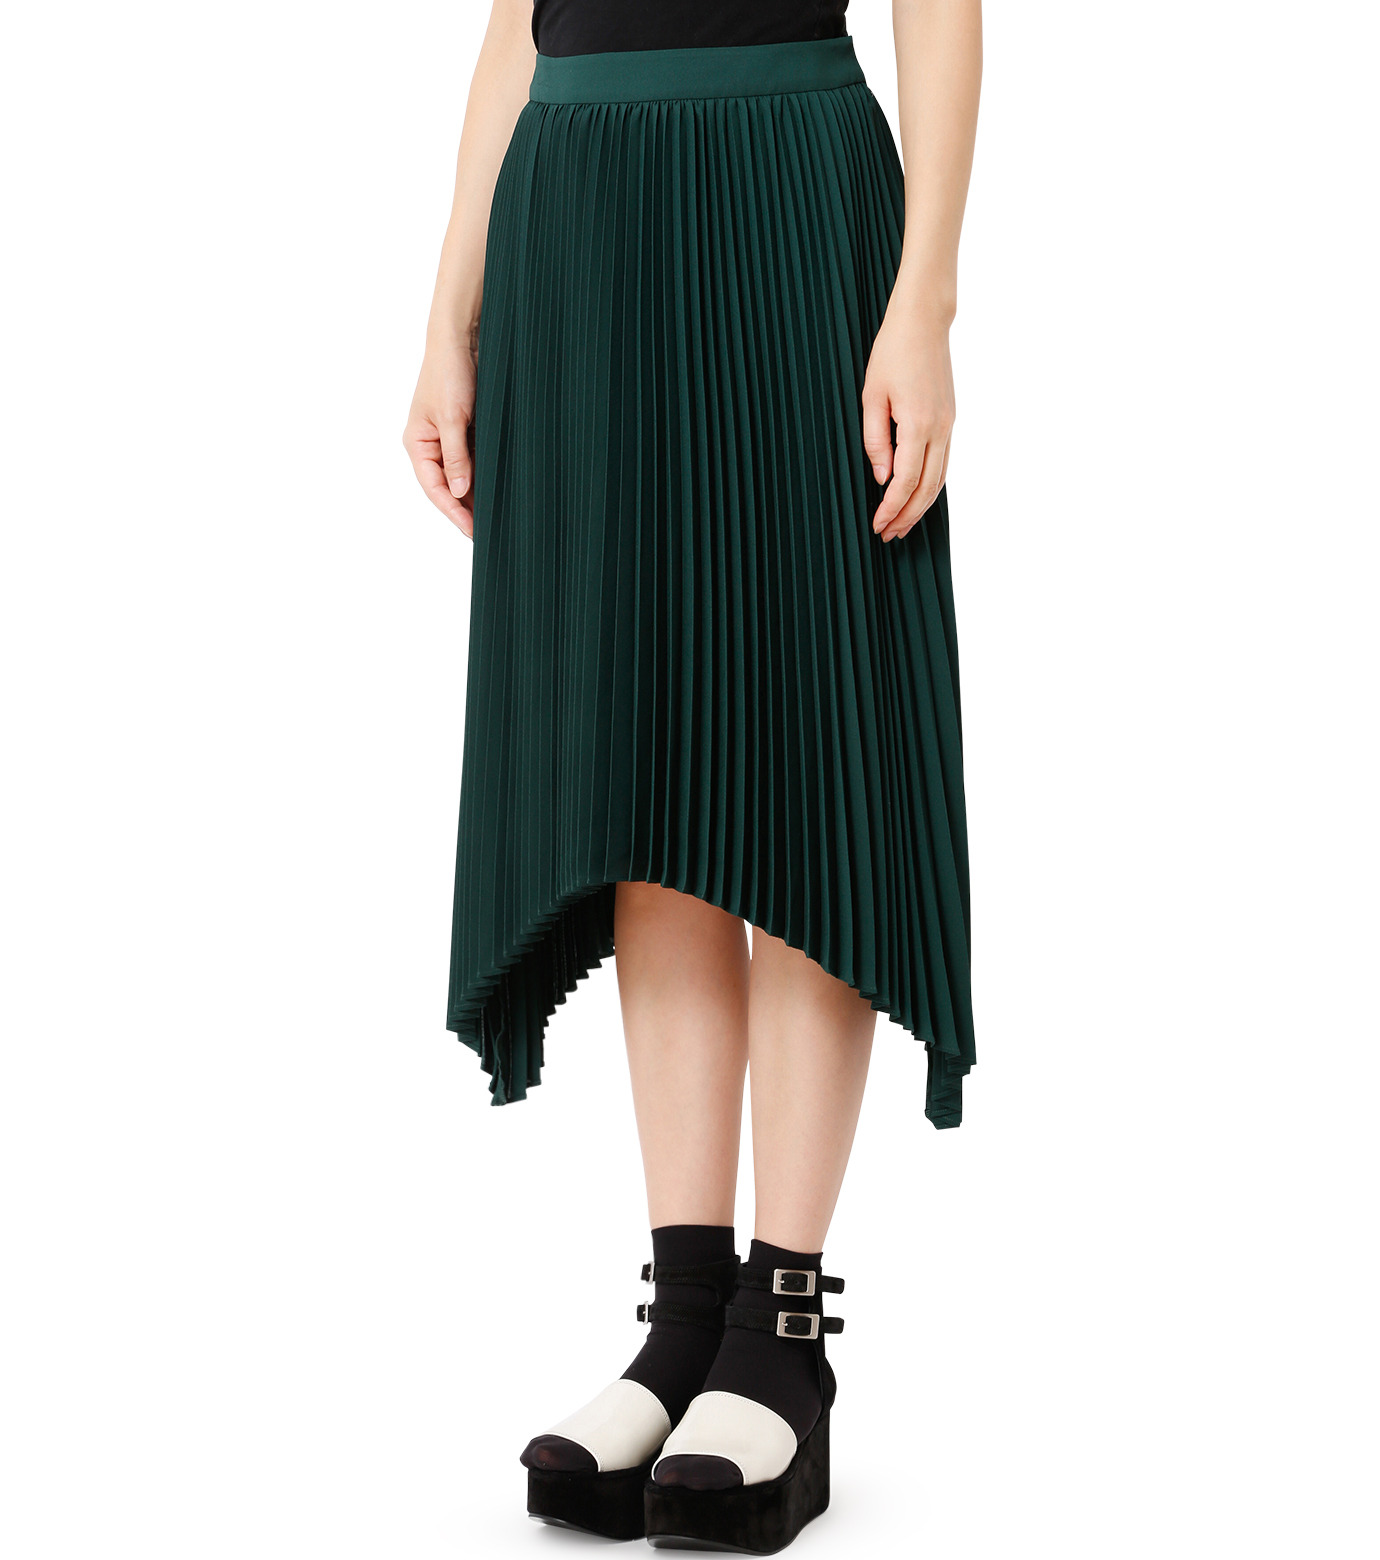 LE CIEL BLEU(ルシェルブルー)のハンカチーフヘムプリーツスカート-GREEN(スカート/skirt)-18A67423 拡大詳細画像1